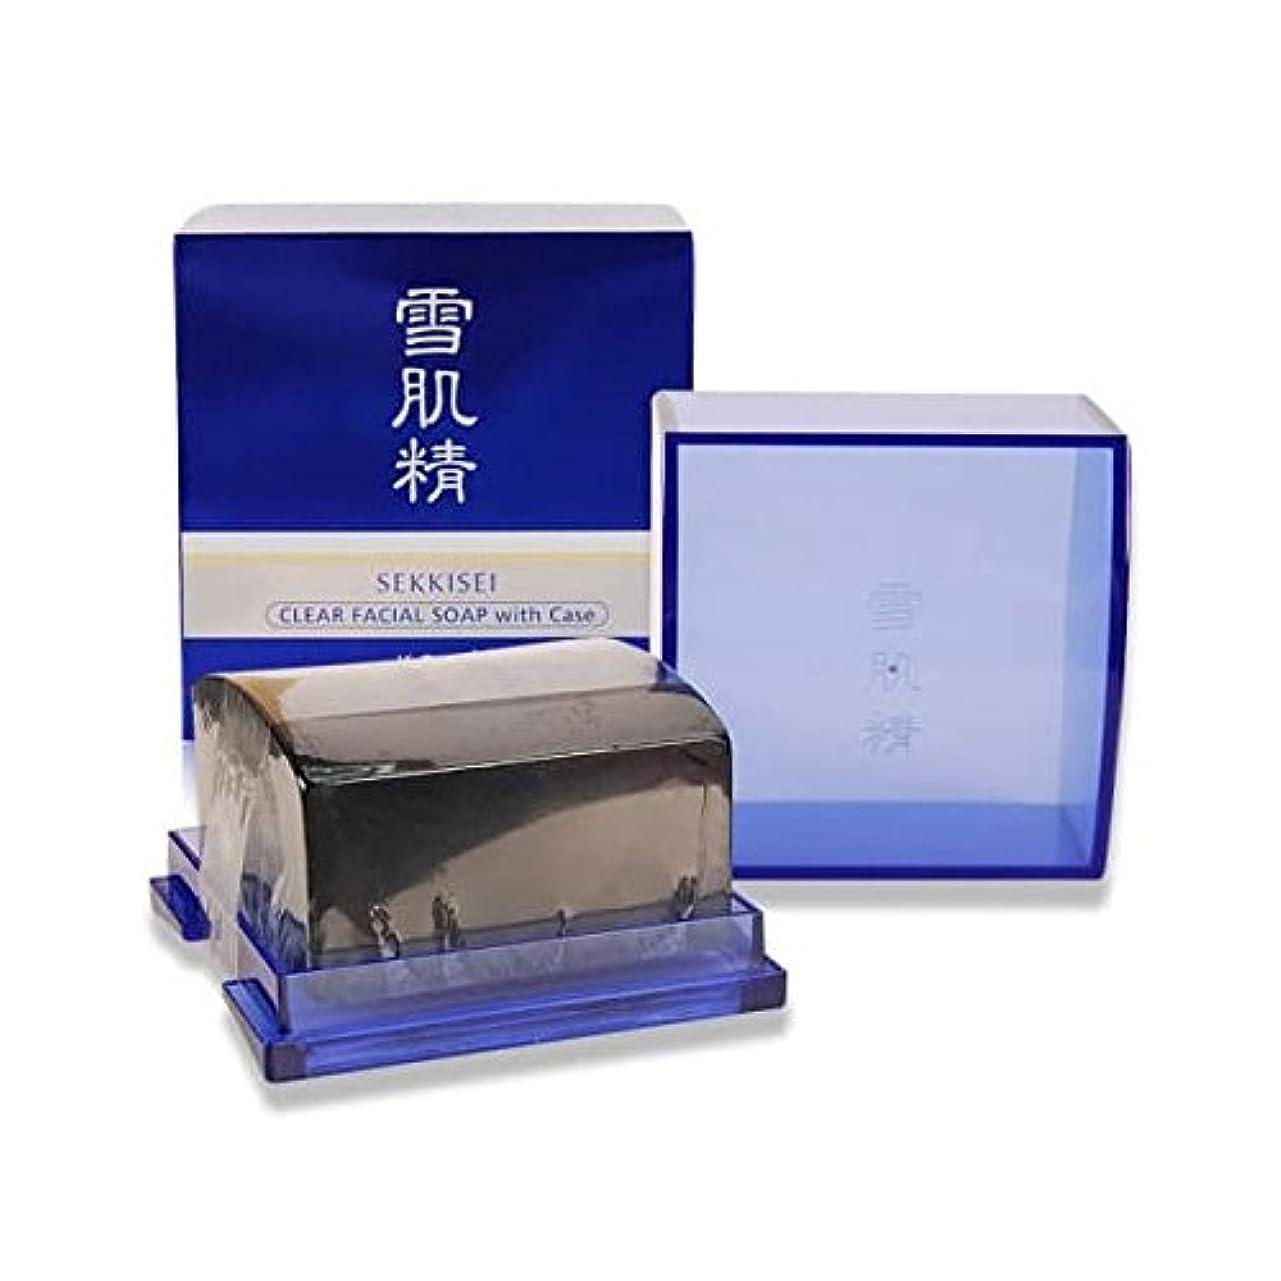 取得するゴミ箱ラフ睡眠コーセー 雪肌精 クリア フェイシャル ソープ (ケース付) 120g